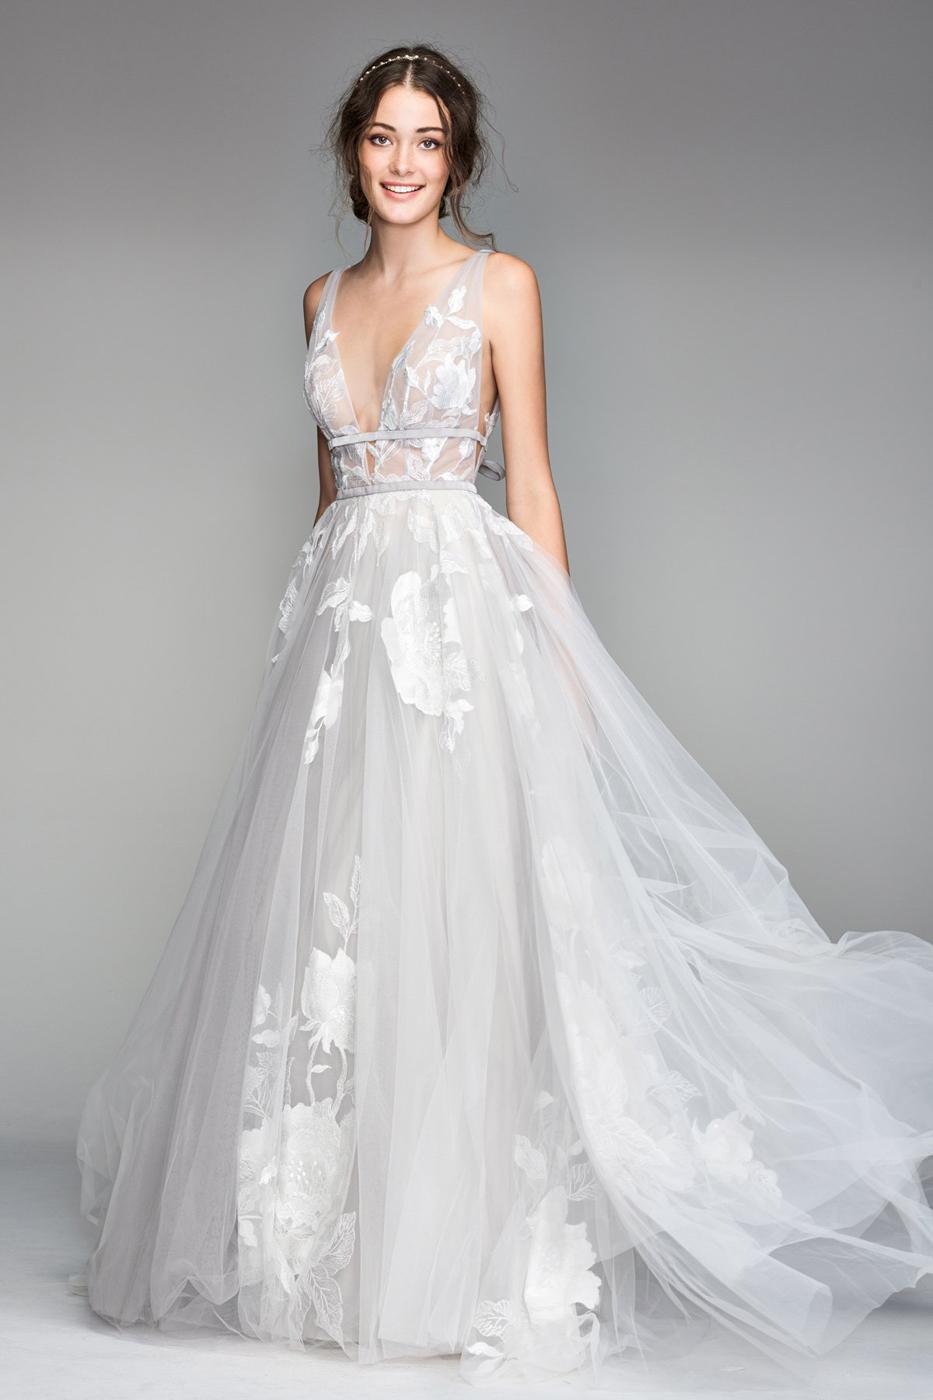 plunging neckline wedding dress off 18   medpharmres.com